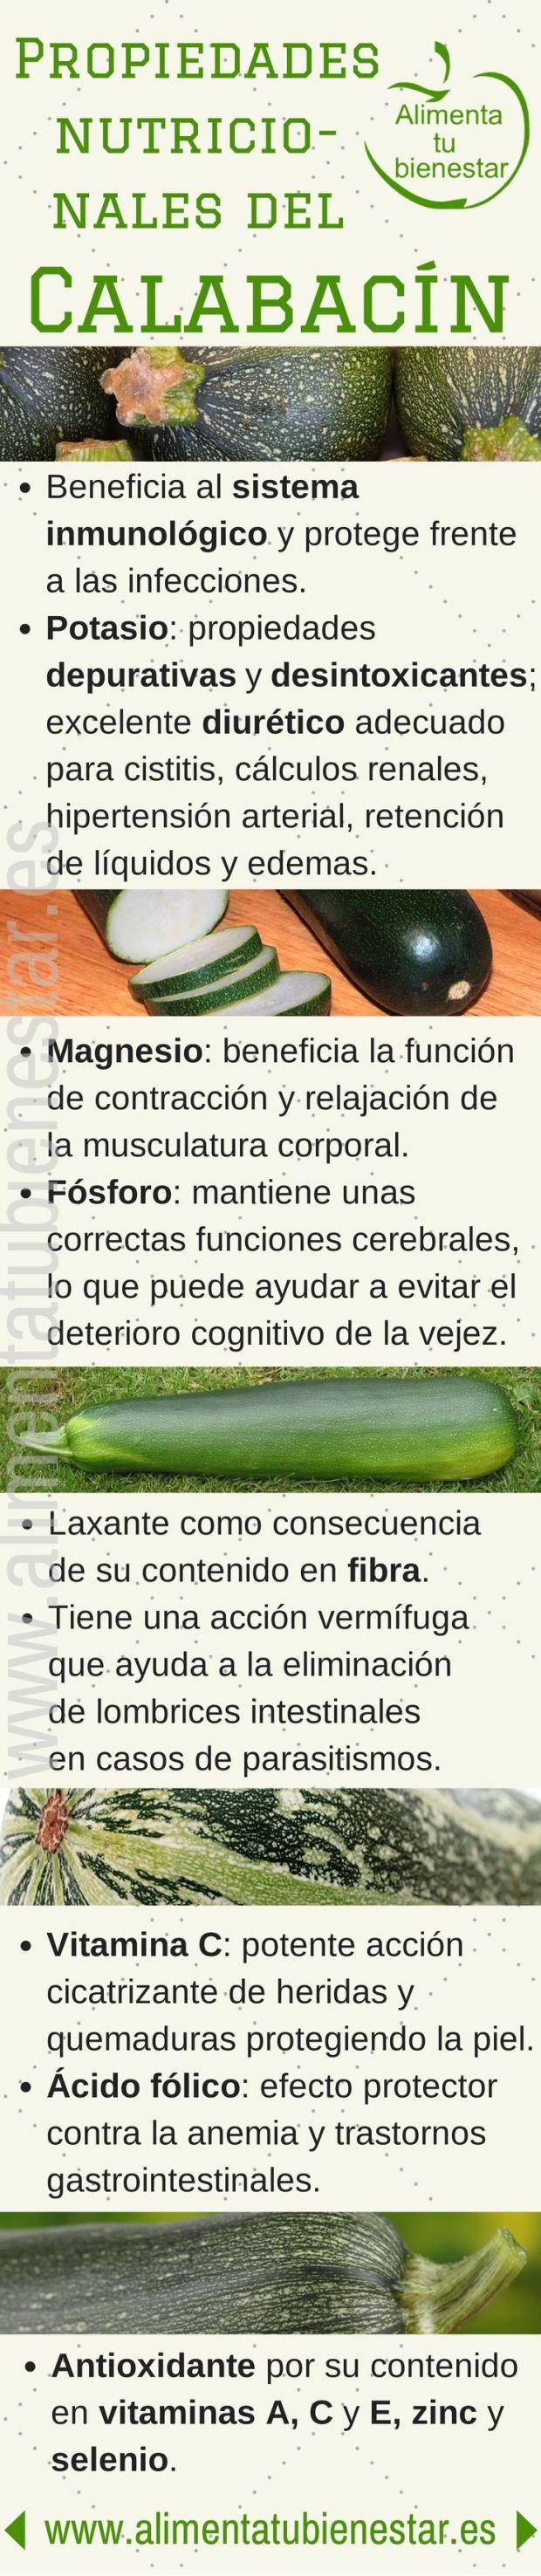 Verduras antioxidantes: el calabacín